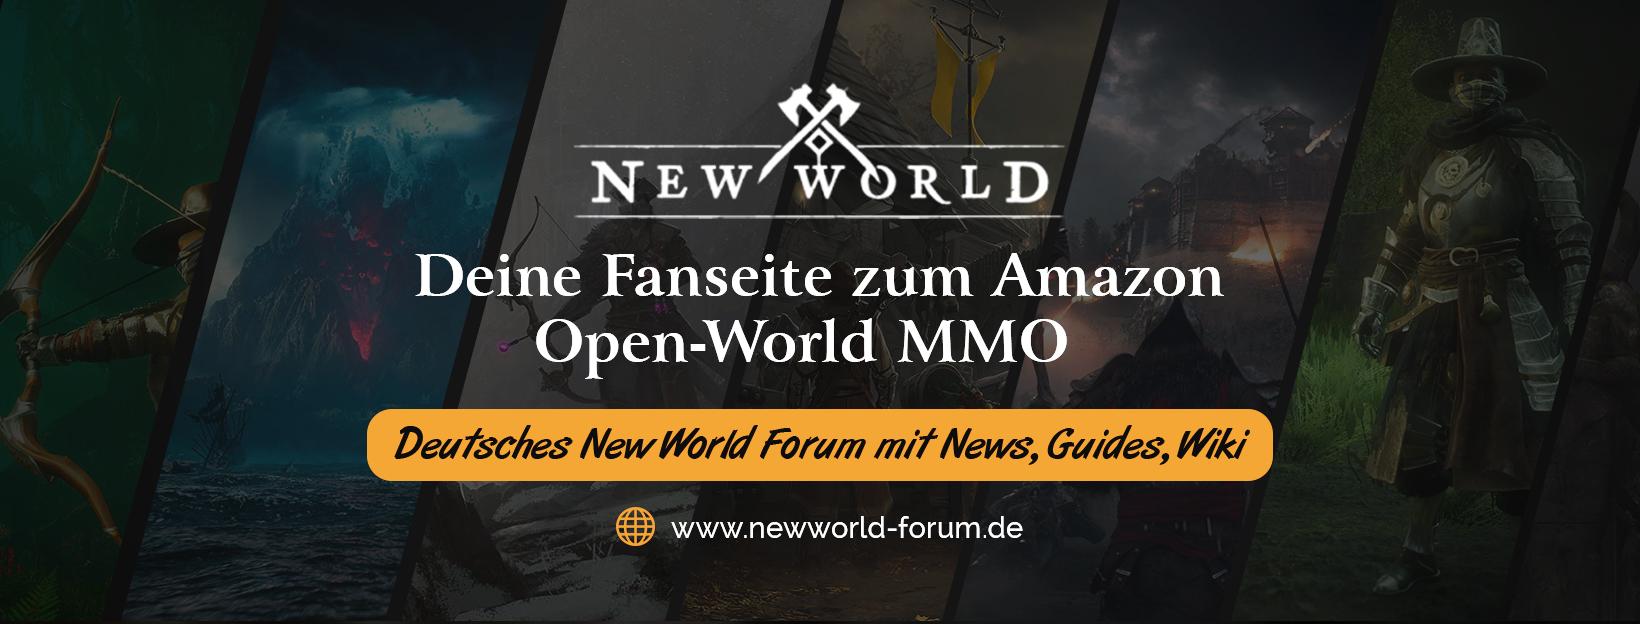 newworld-forum.de.jpg